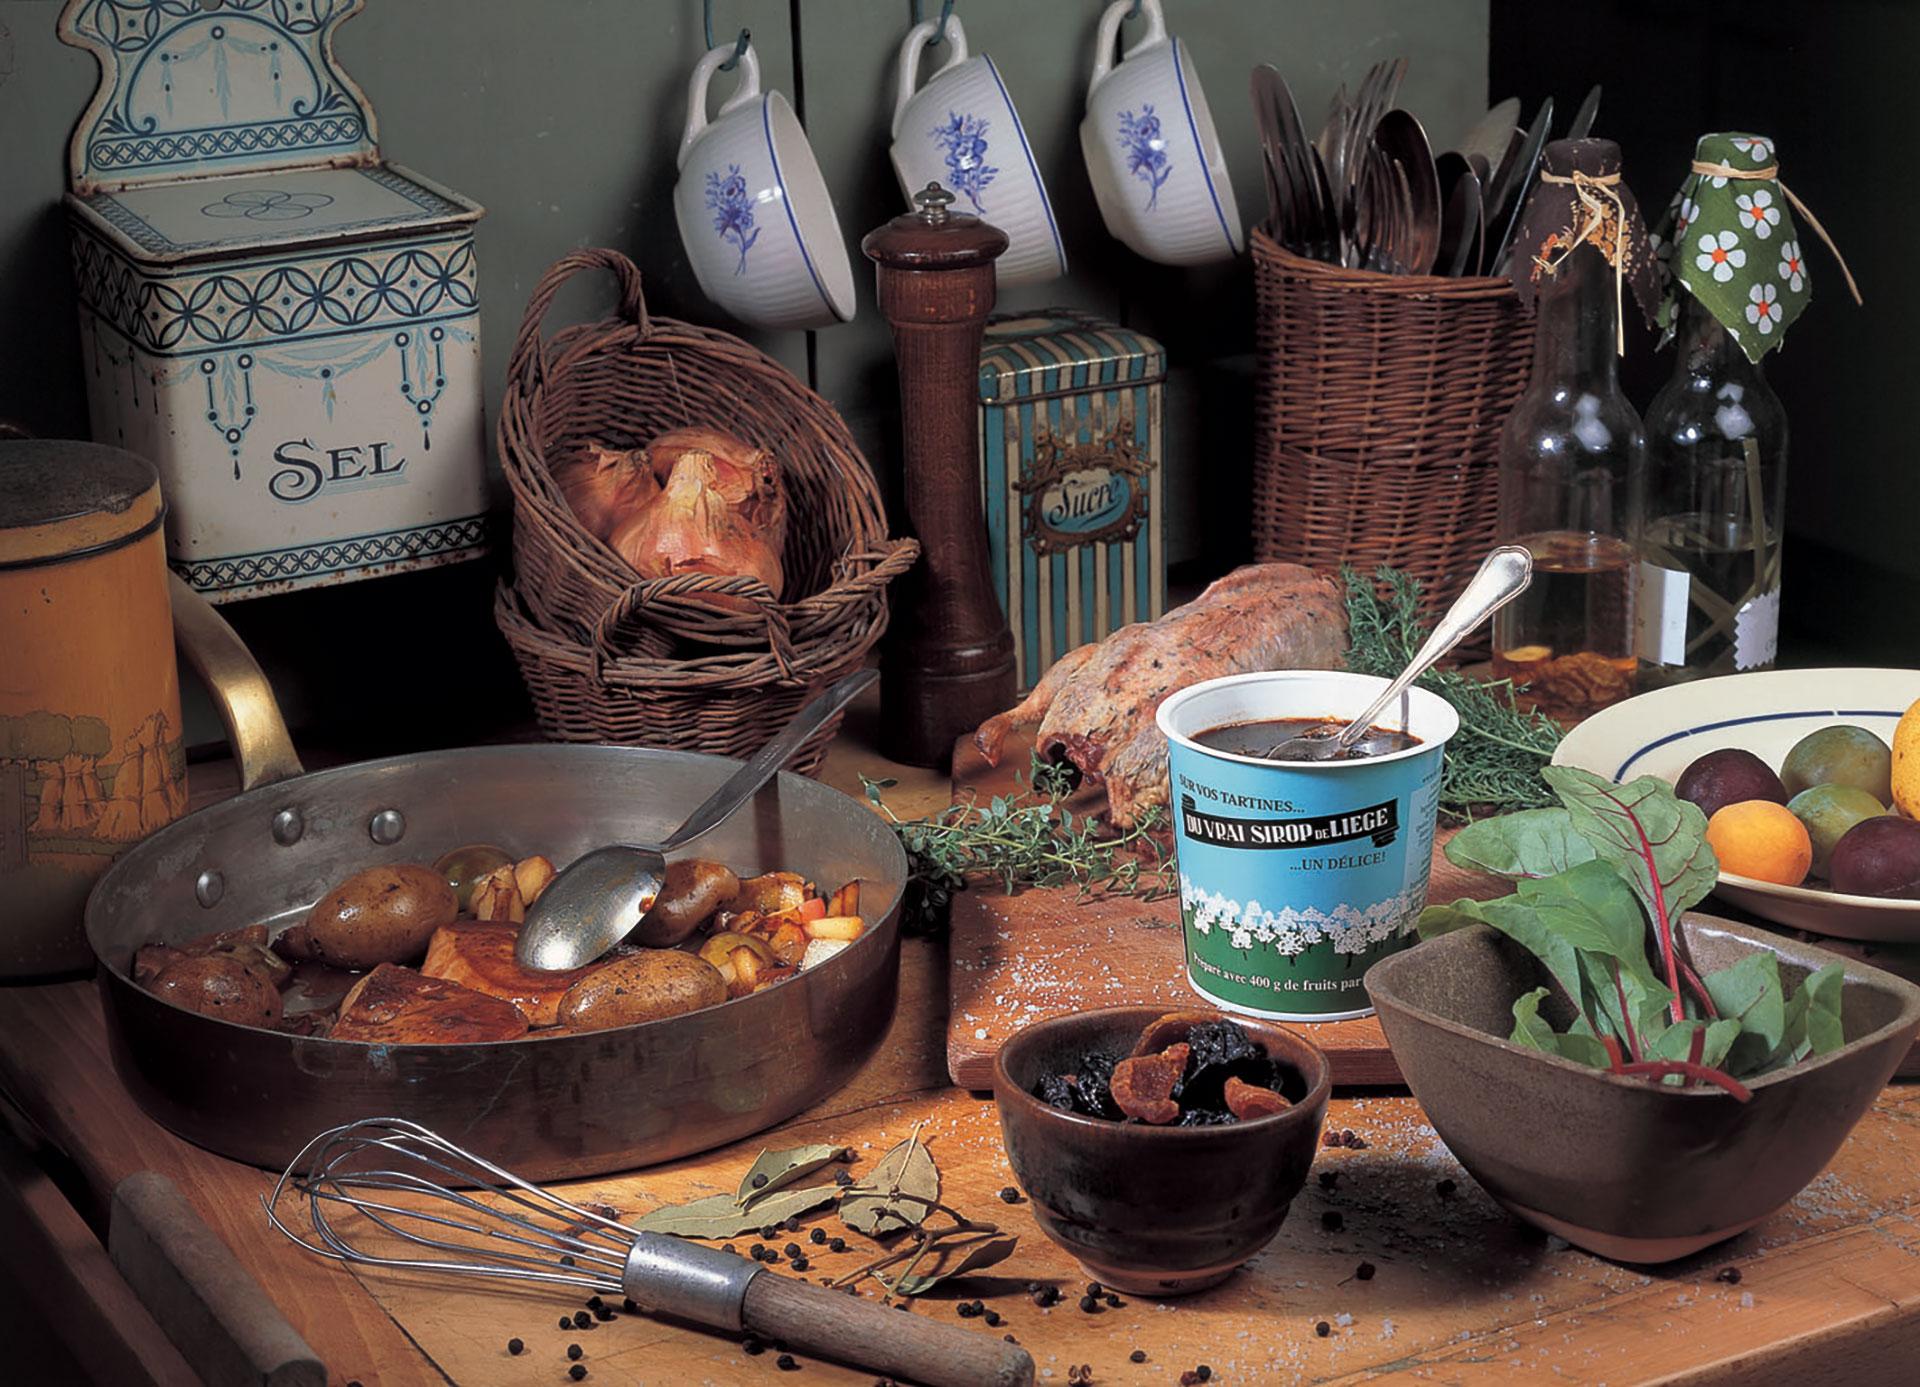 Siroperie - Meurens - Aubel - tradition - histoire - gastronomie - Pays de Herve